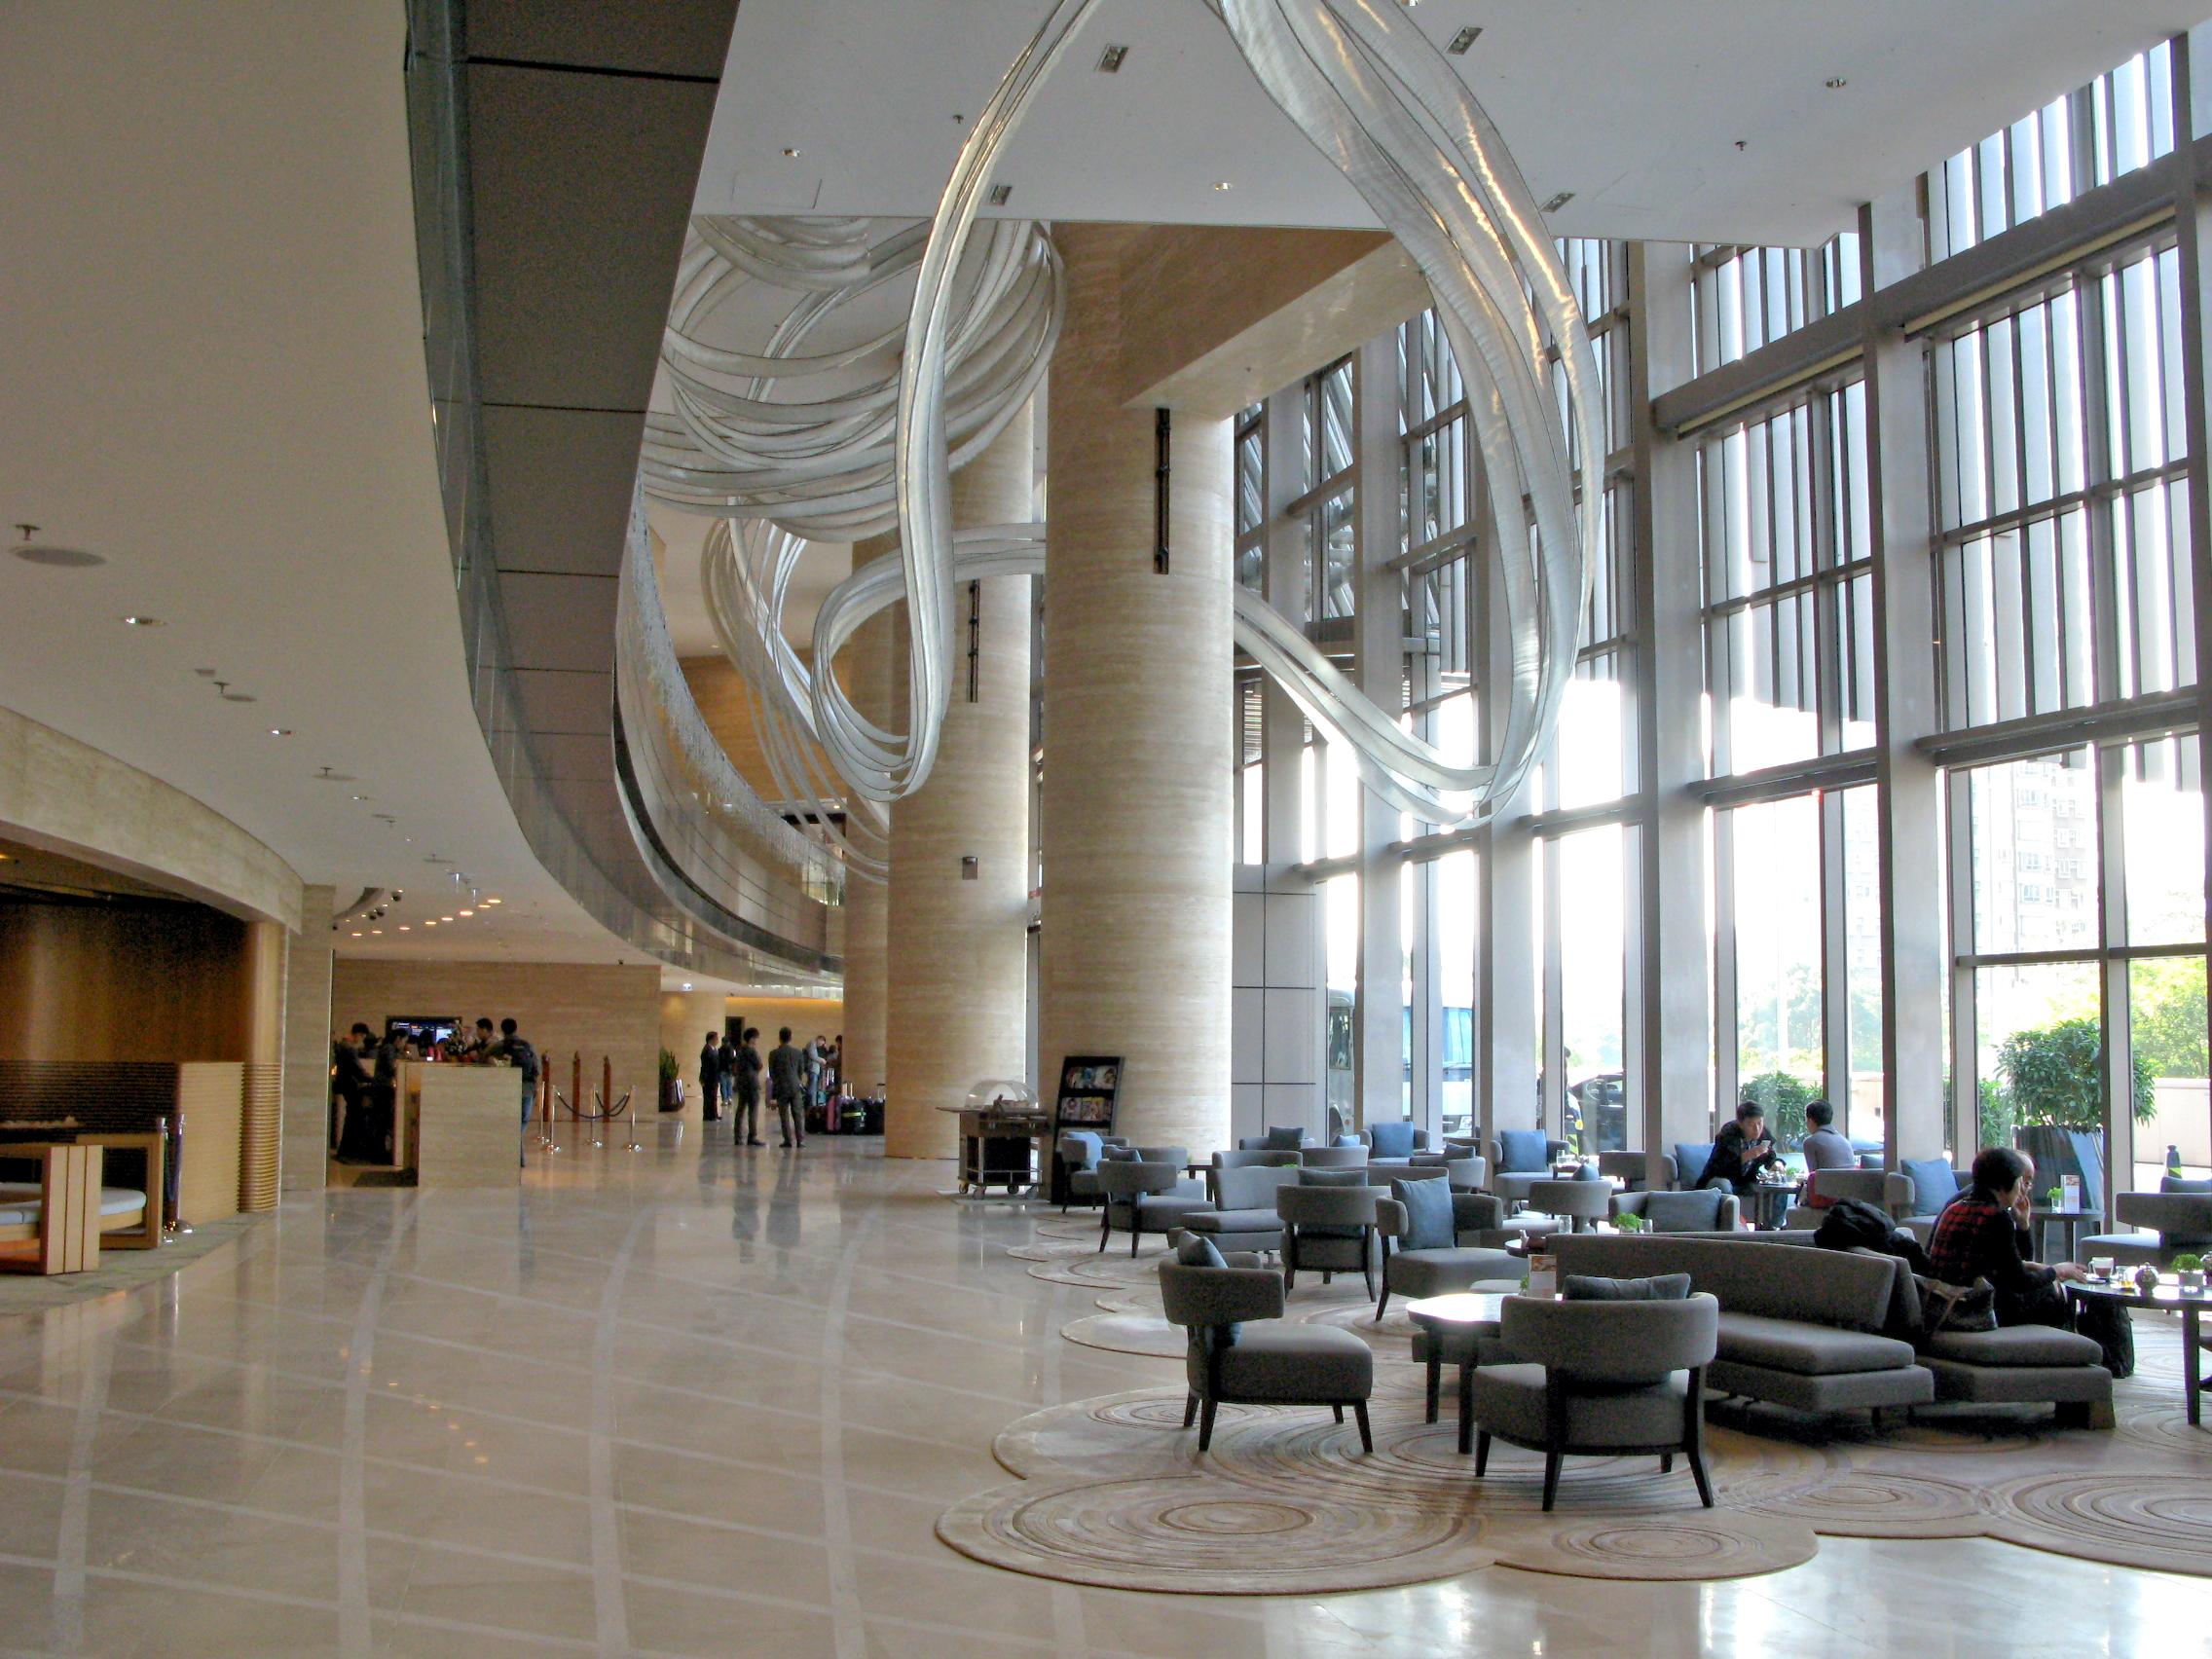 Marriott Hotel On South Beach Florida